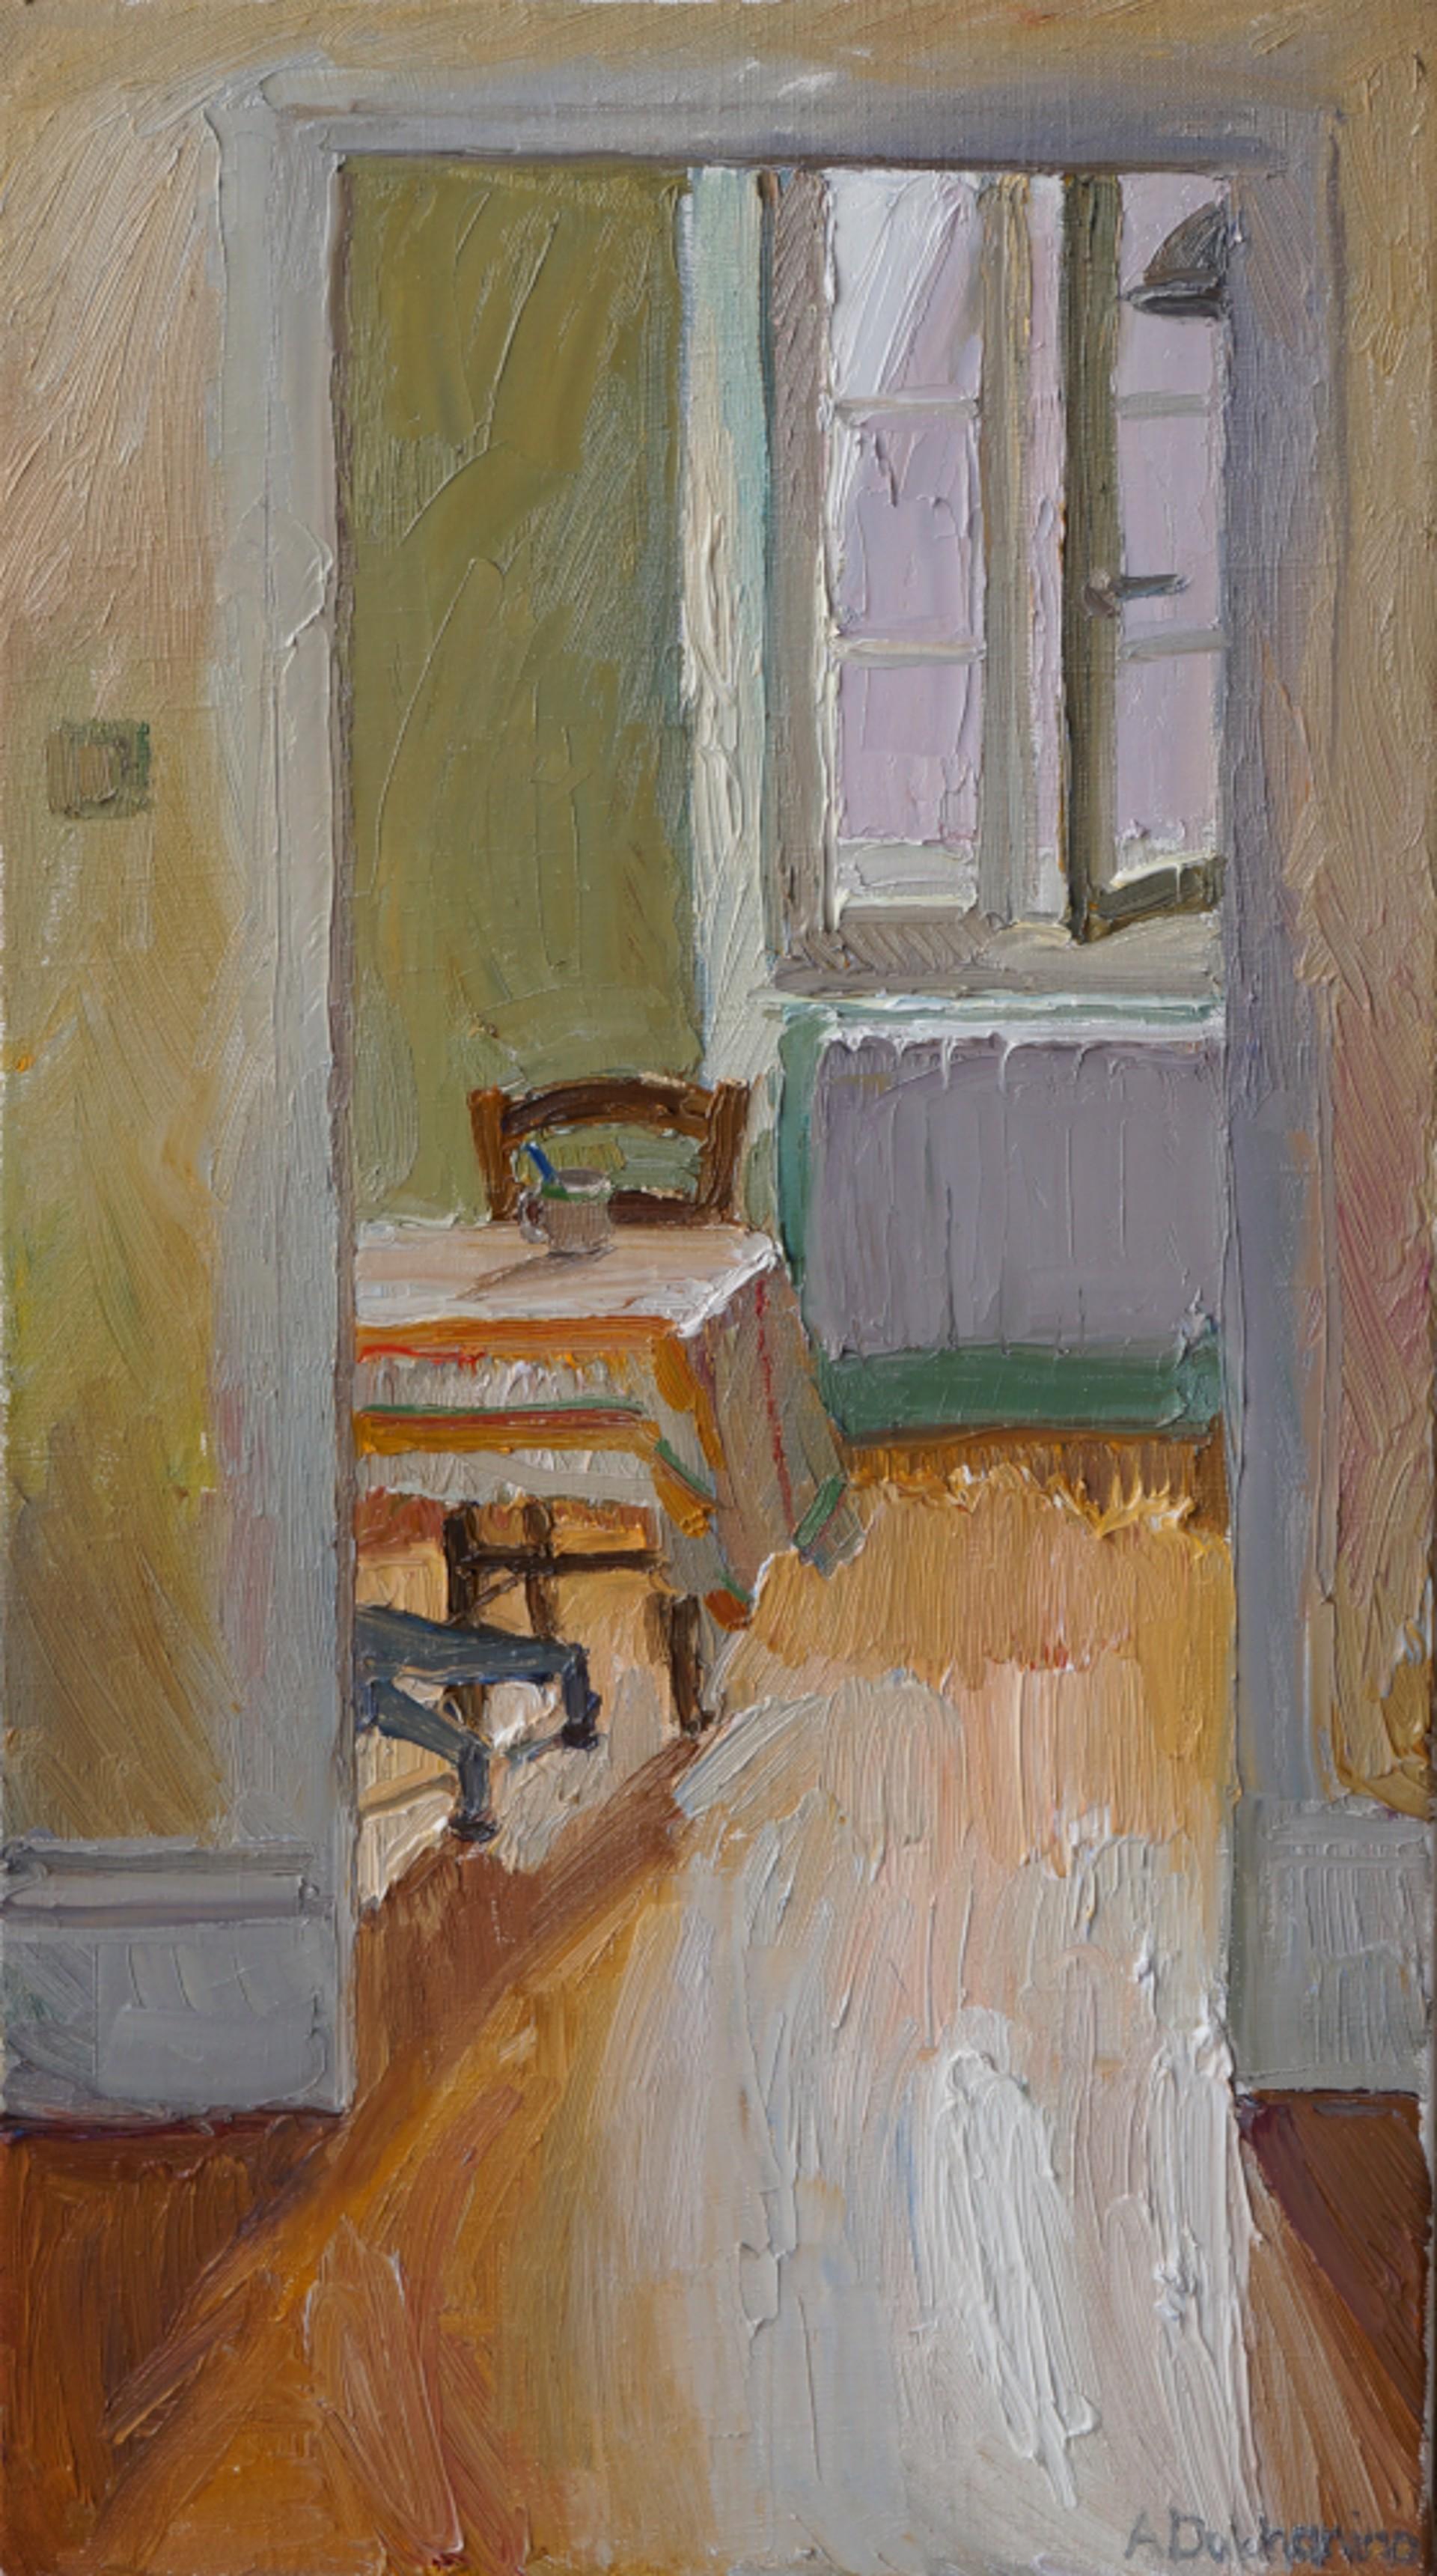 Open Window by Anastasia Dukhanina